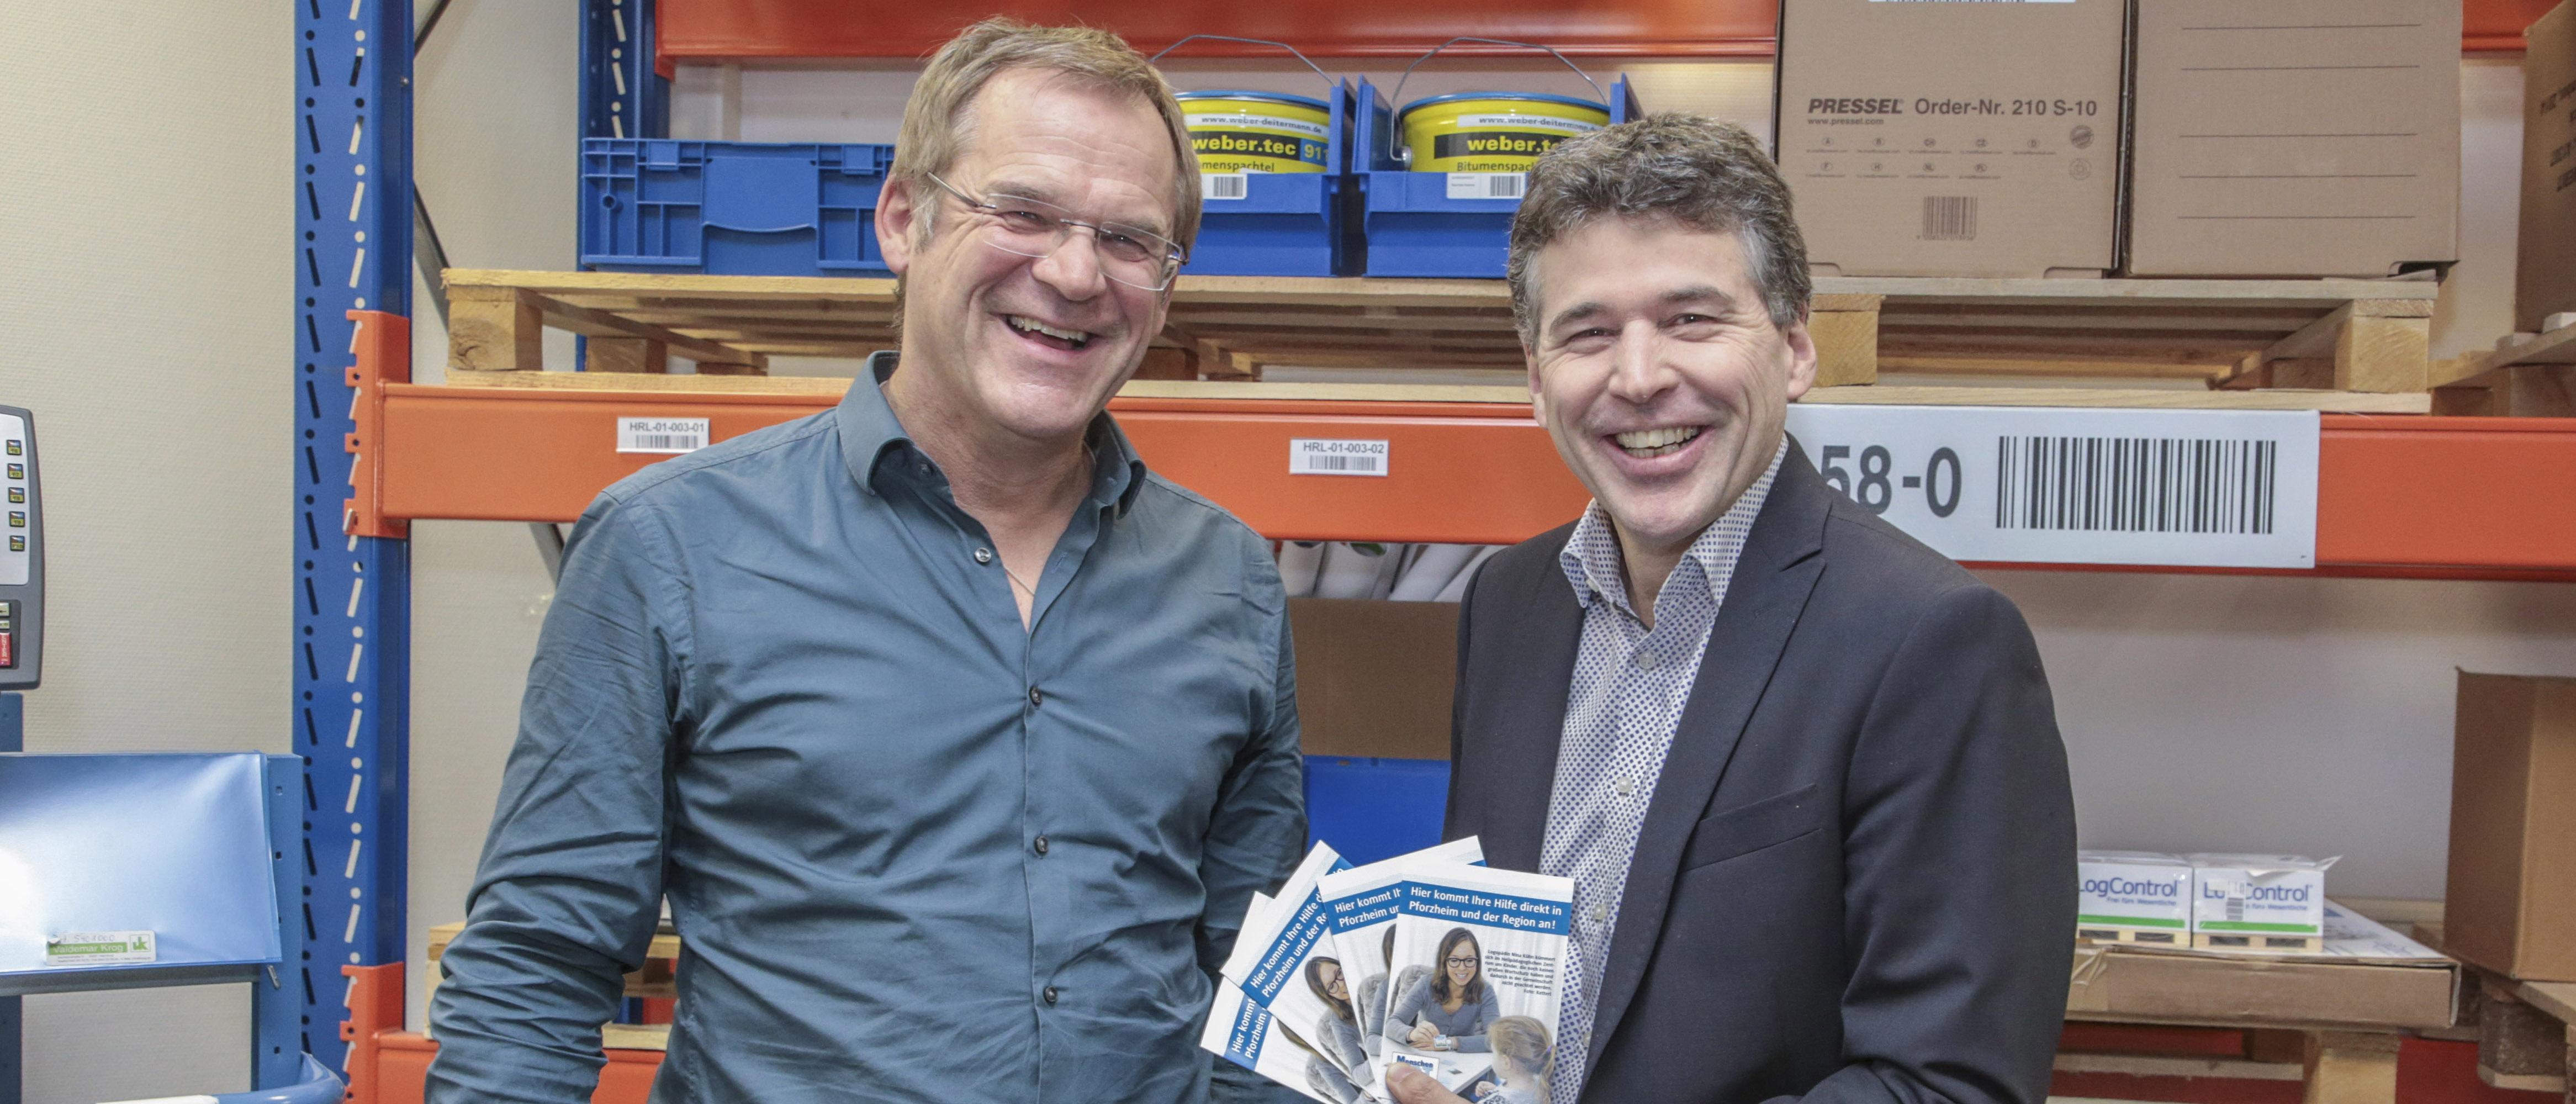 Logistik-Profi Ewald Mader übergibt Spende